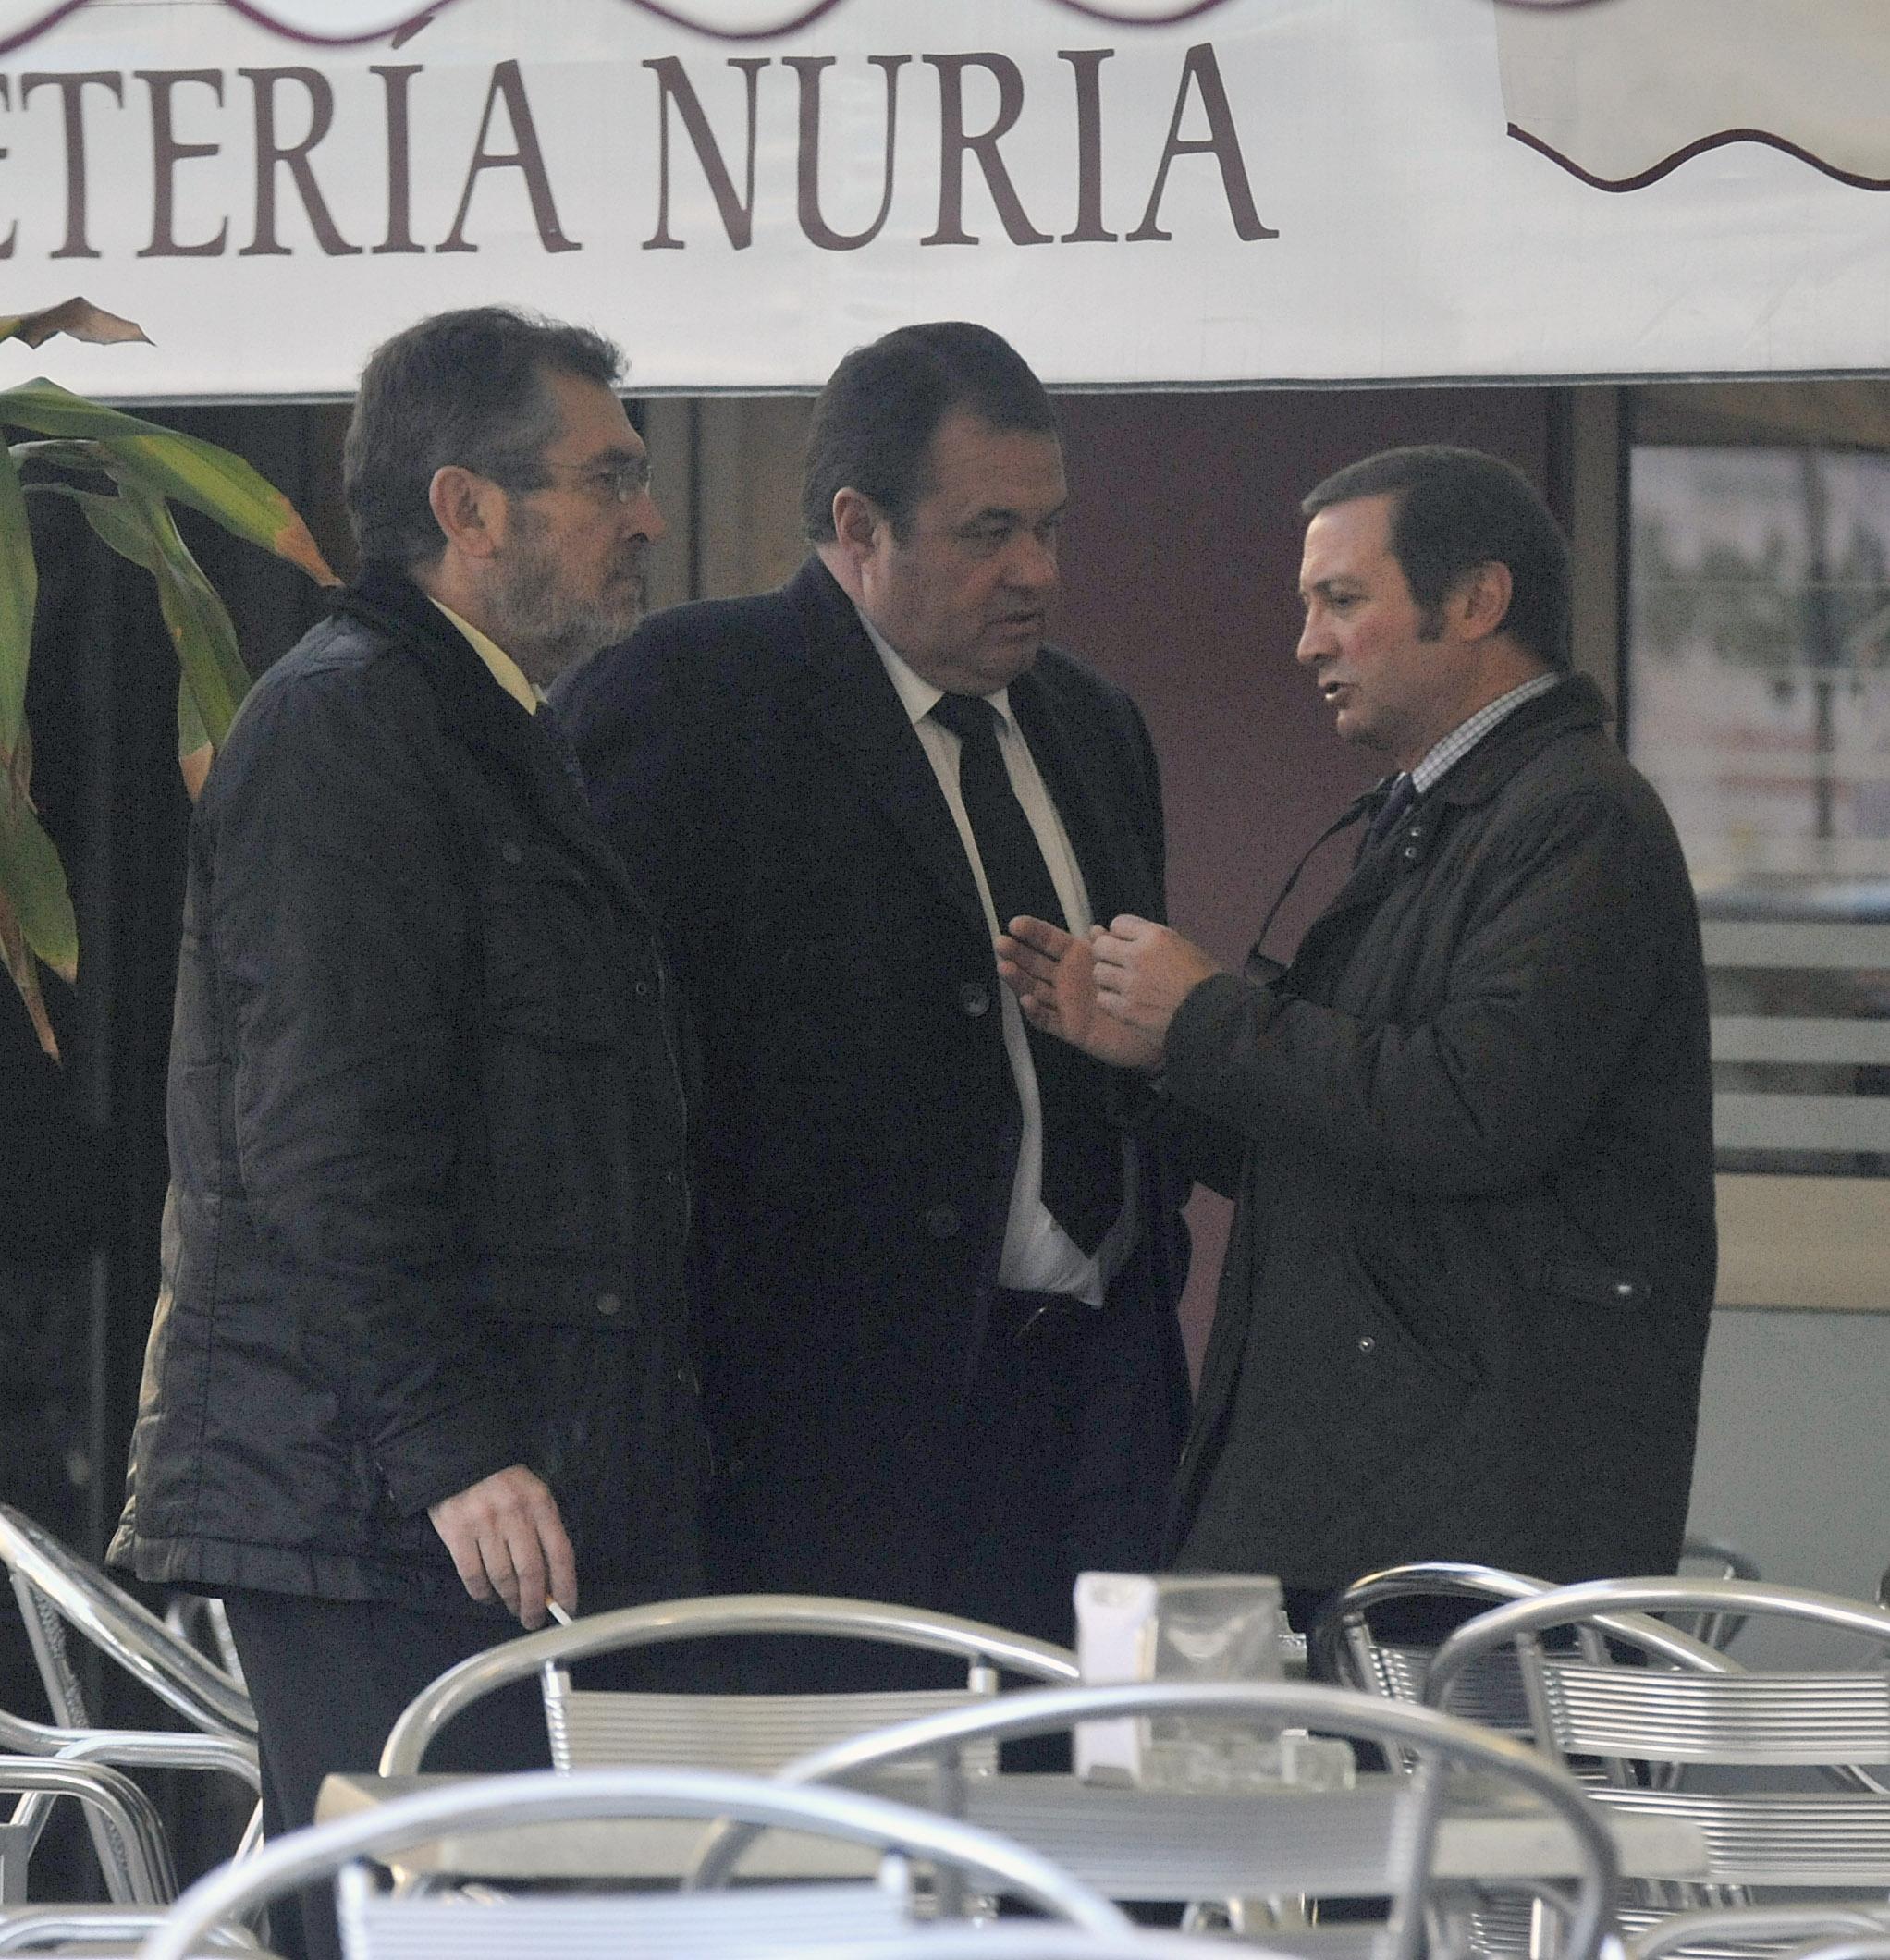 El ex delegado de Empleo Antonio Rivas y el ex diputado del PSOE Ramón Díaz Alcaraz.